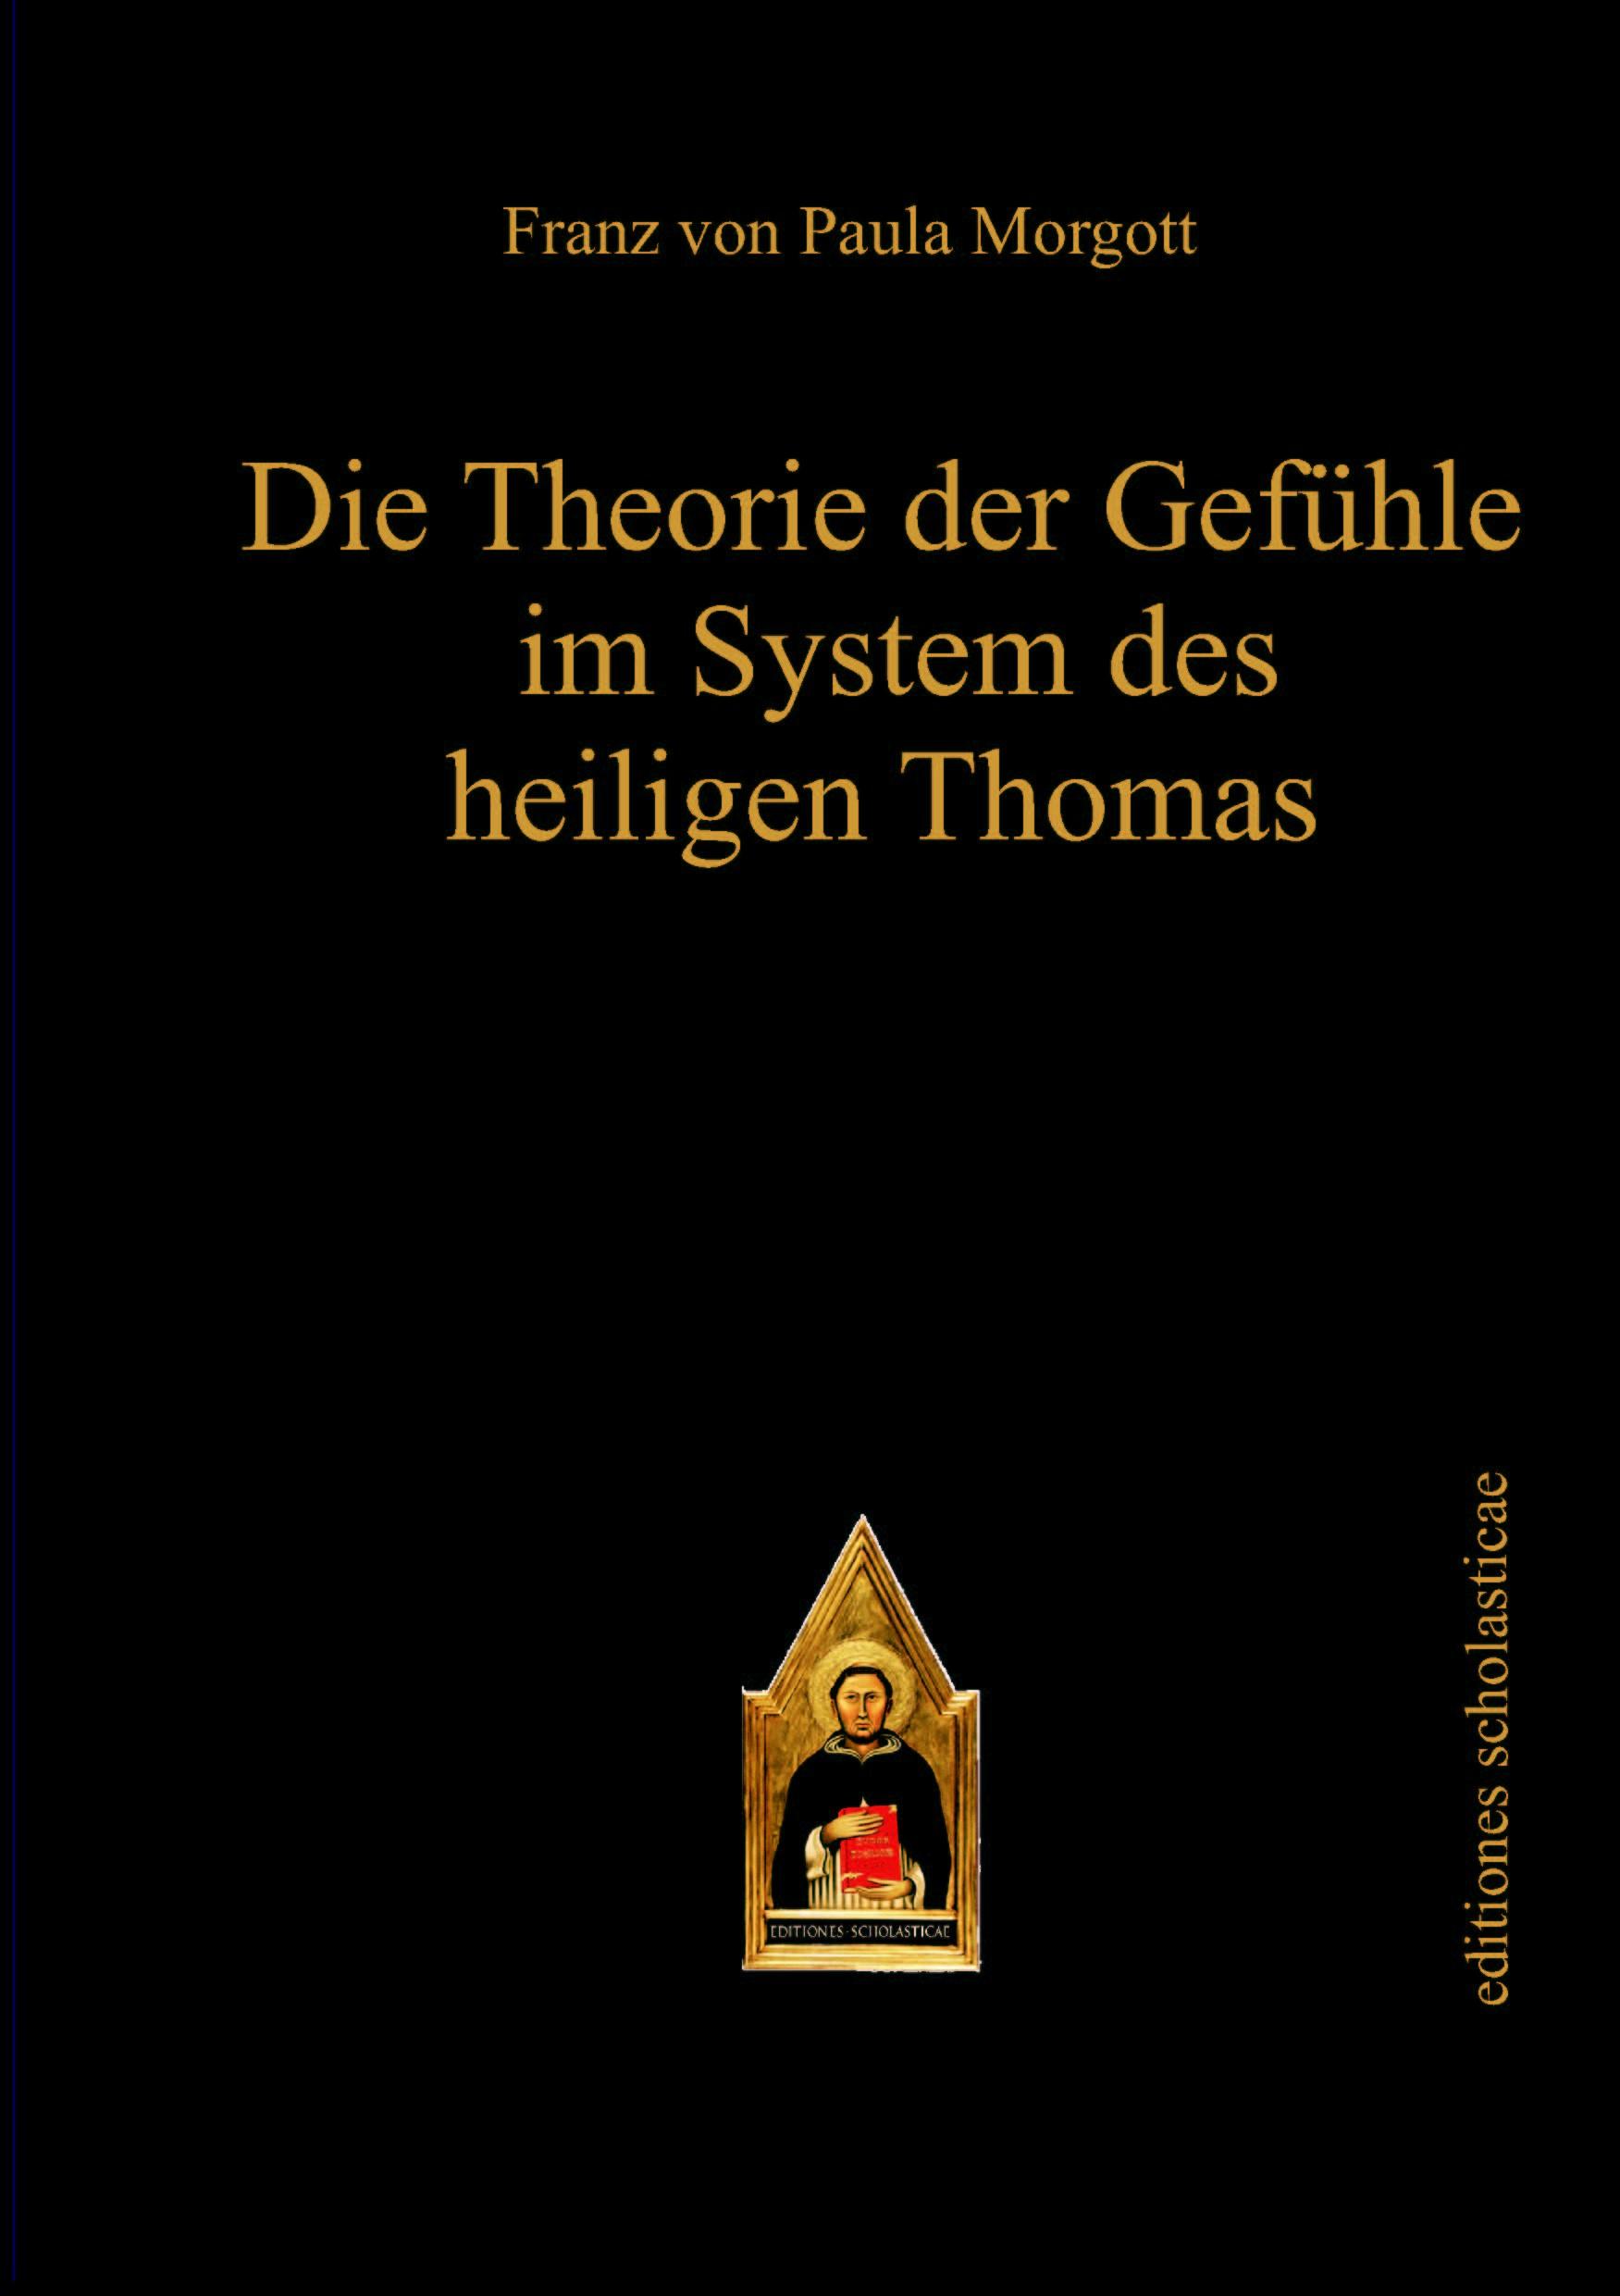 Abbildung von Margott | Die Theorie der Gefühle im System des heiligen Thomas | 1., vollst. überarb. Neuaufl. der 1. Auflage 1864 | 2012